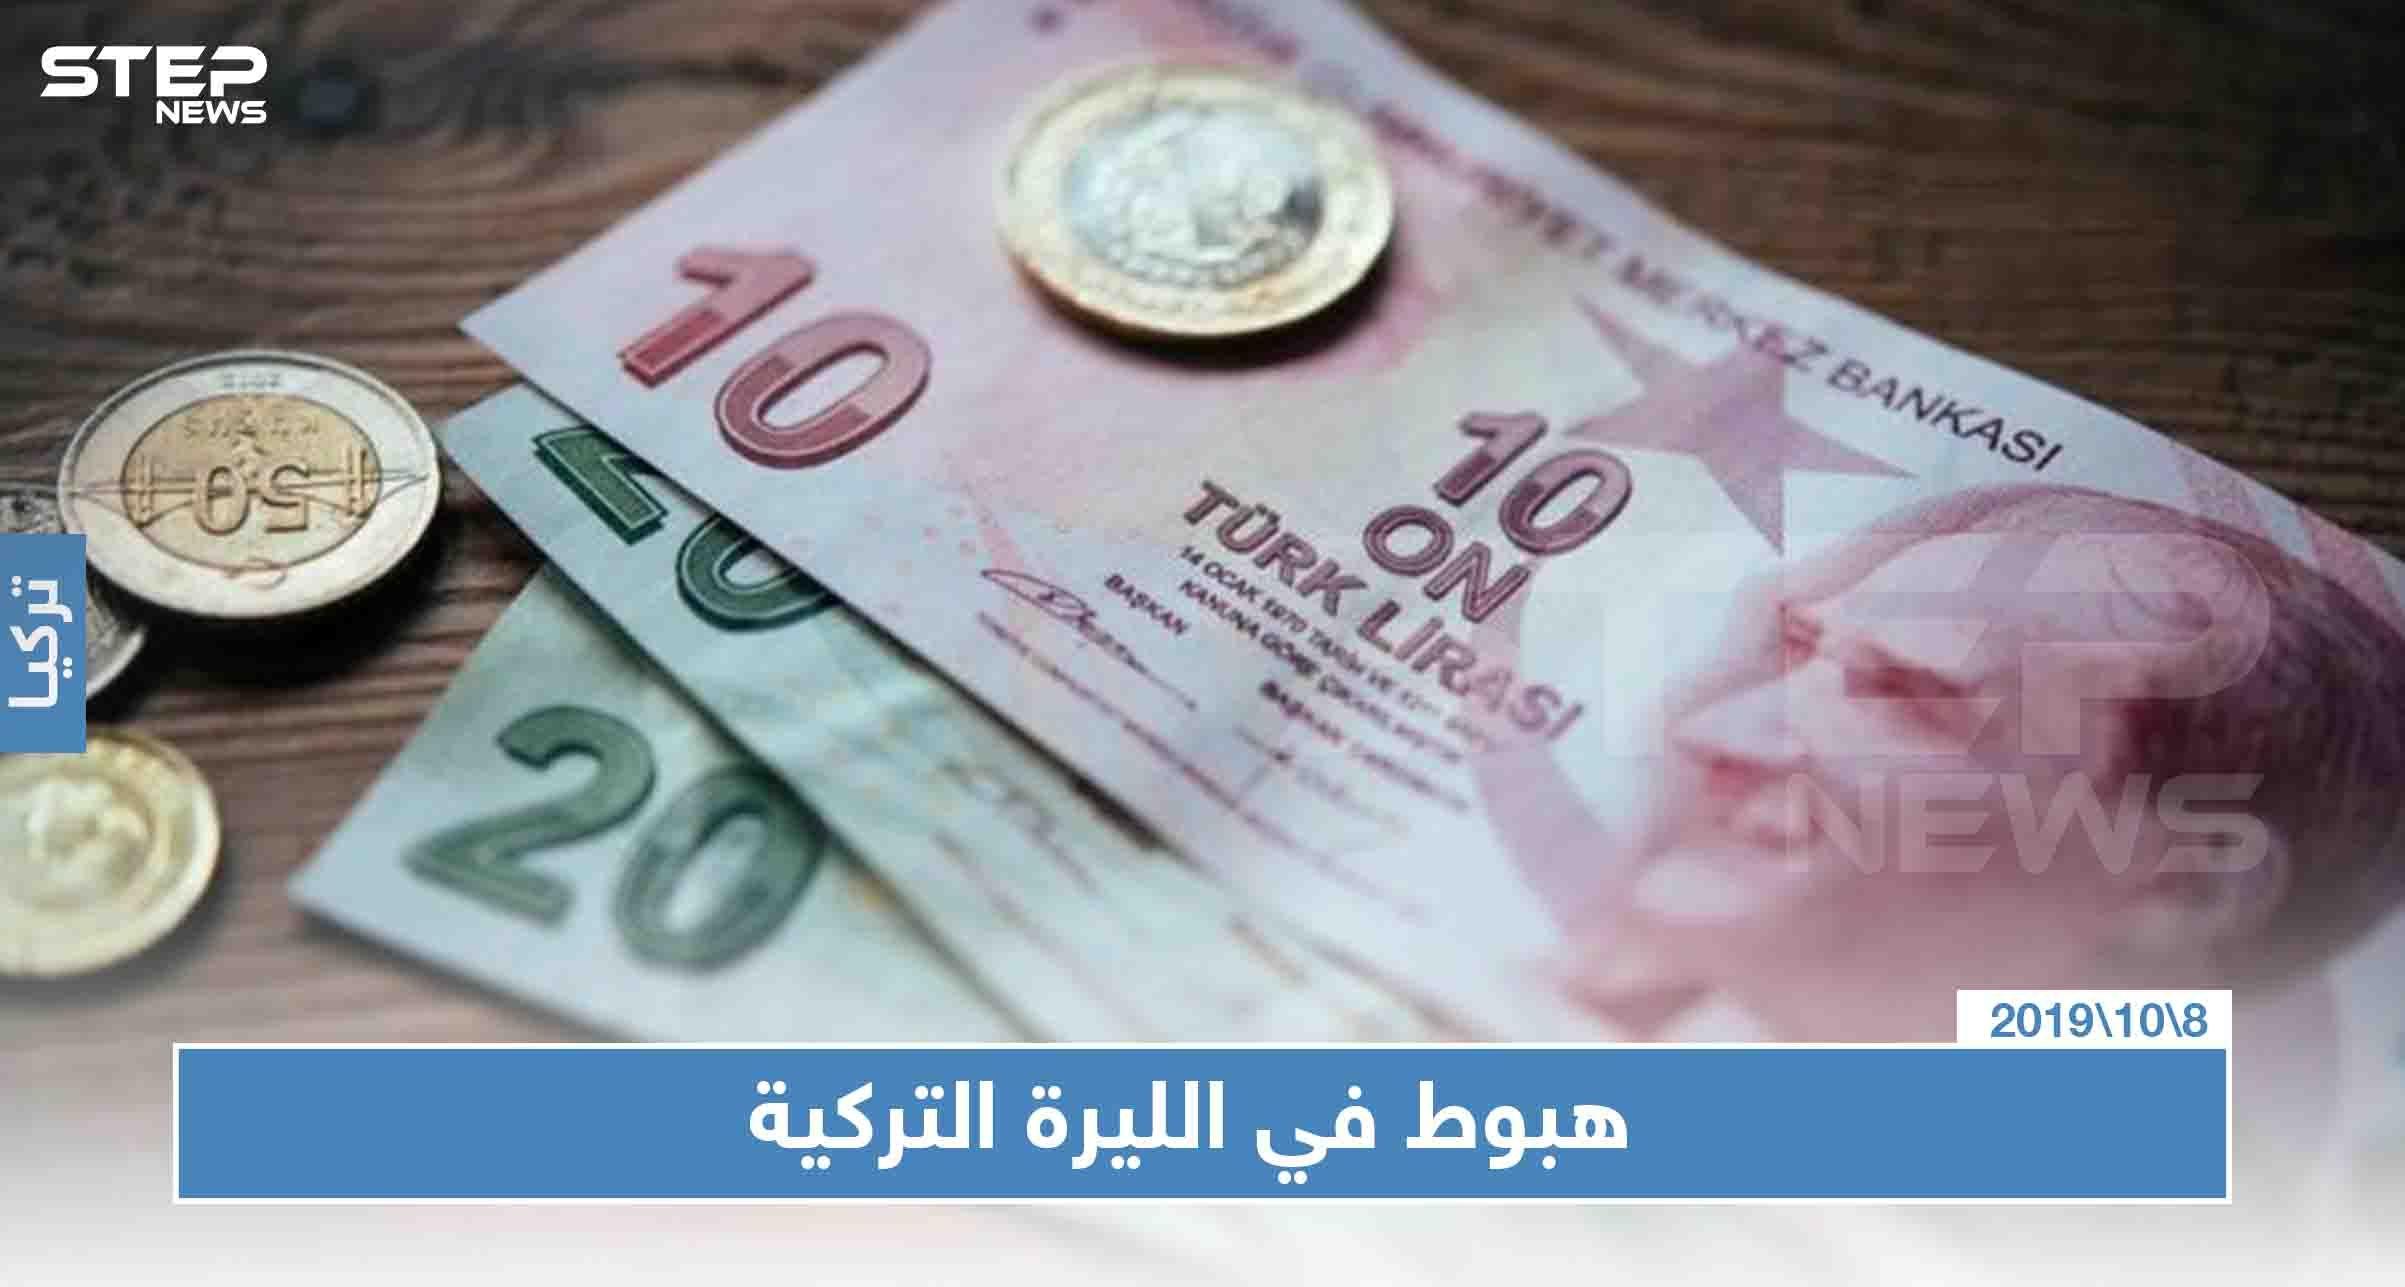 بعد تغريدة لترامب بـتدمير الاقتصاد التركي الليرة التركية تهبط إلى